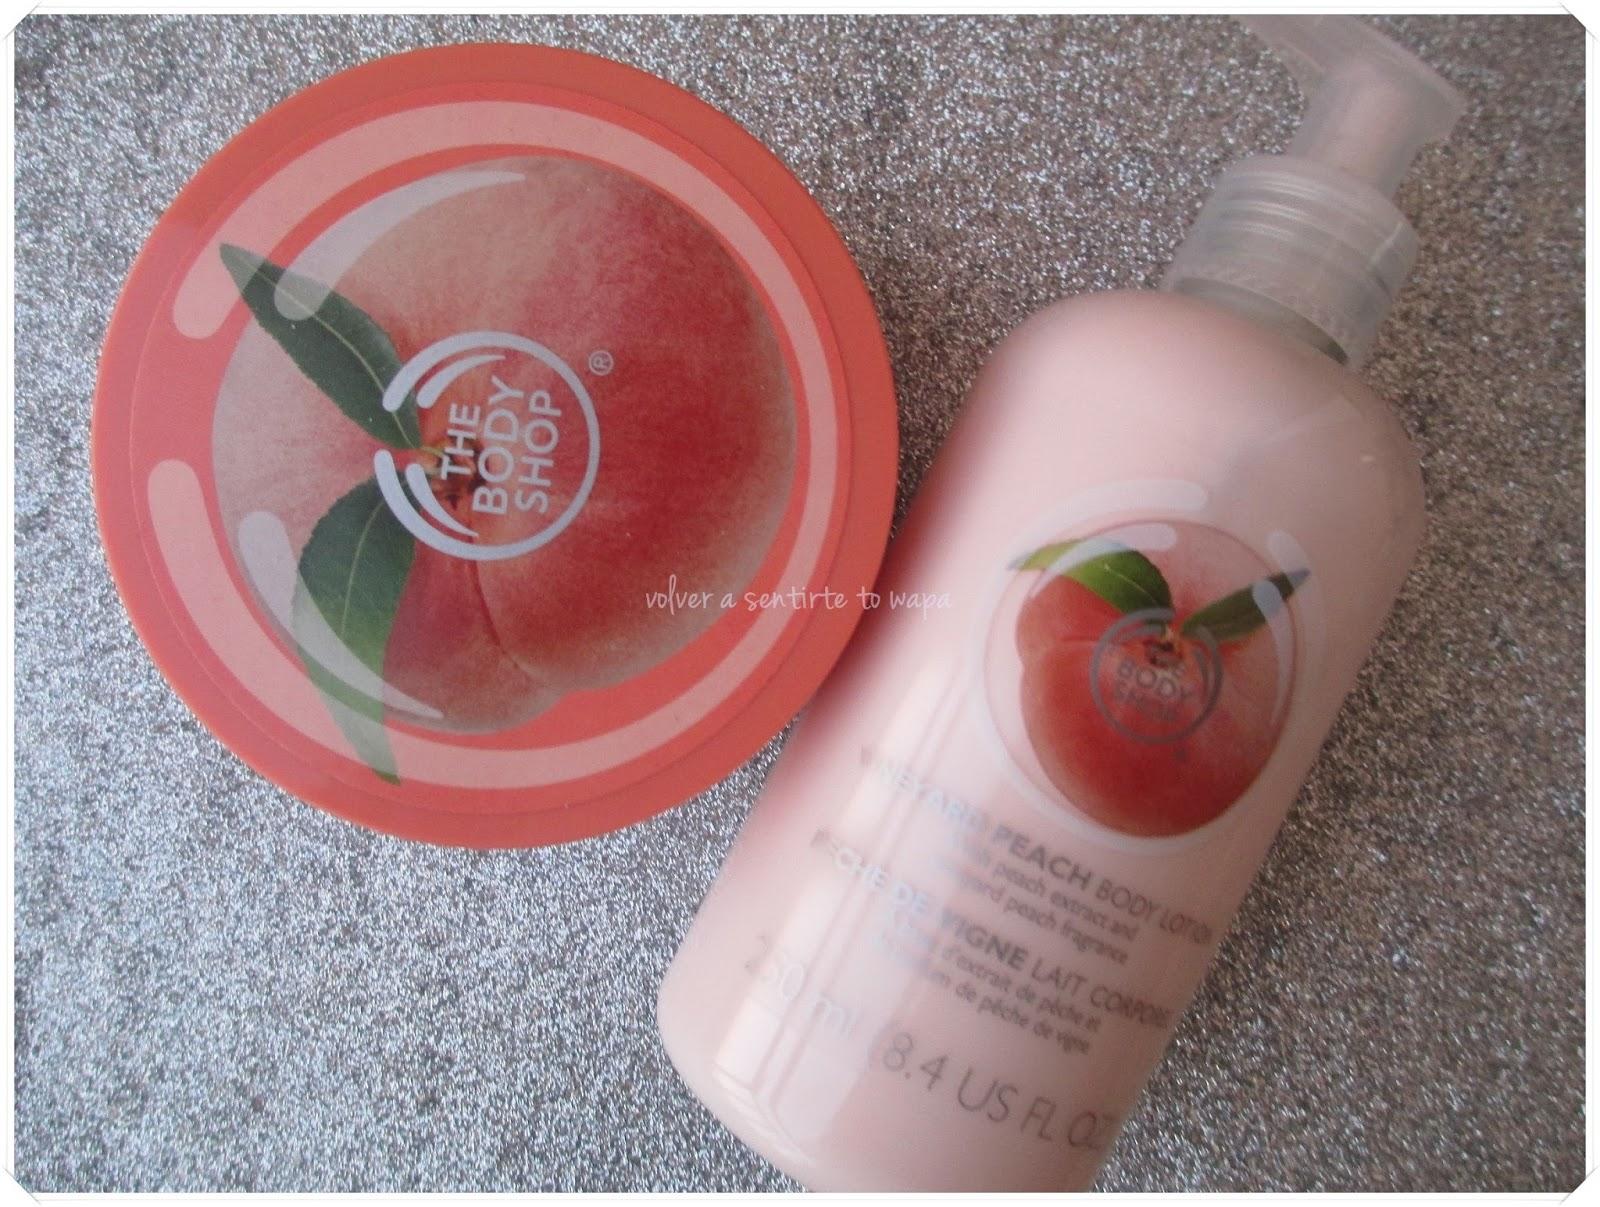 Rebajas en The Body Shop - Exfoliante corporal y leche de Melocotón